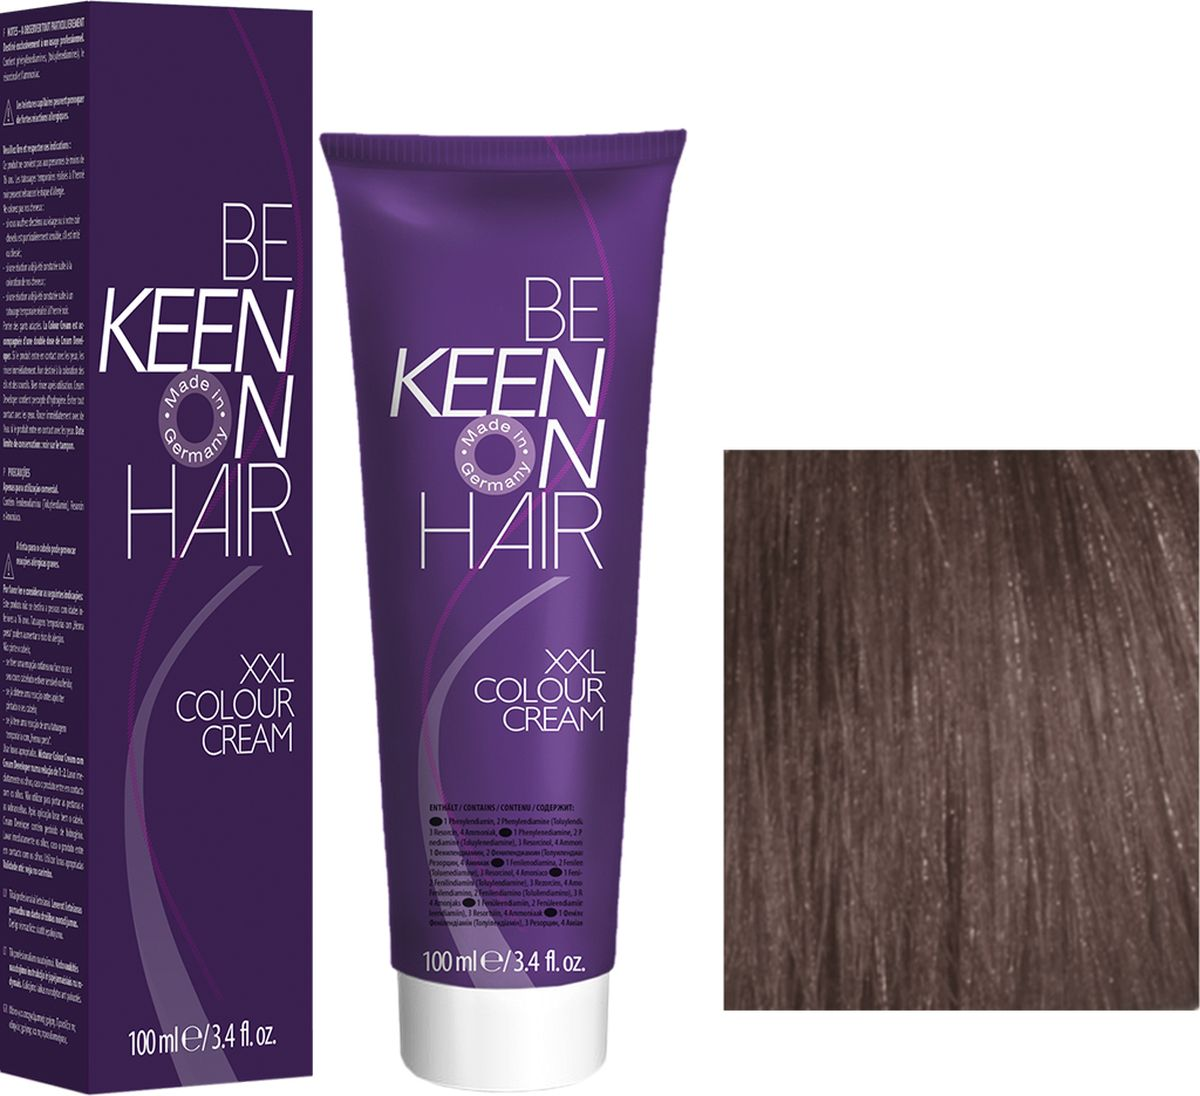 Keen Краска для волос 6.1 Темно-пепельный блондин Dunkelblond Asch, 100 мл69100036Модные оттенкиБолее 100 оттенков для креативной комбинации цветов.ЭкономичностьПри использовании тюбика 100 мл вы получаете оптимальное соотношение цены и качества!УходМолочный белок поддерживает структуру волоса во время окрашивания и придает волосам блеск и шелковистость. Протеины хорошо встраиваются в волосы и снабжают их влагой.